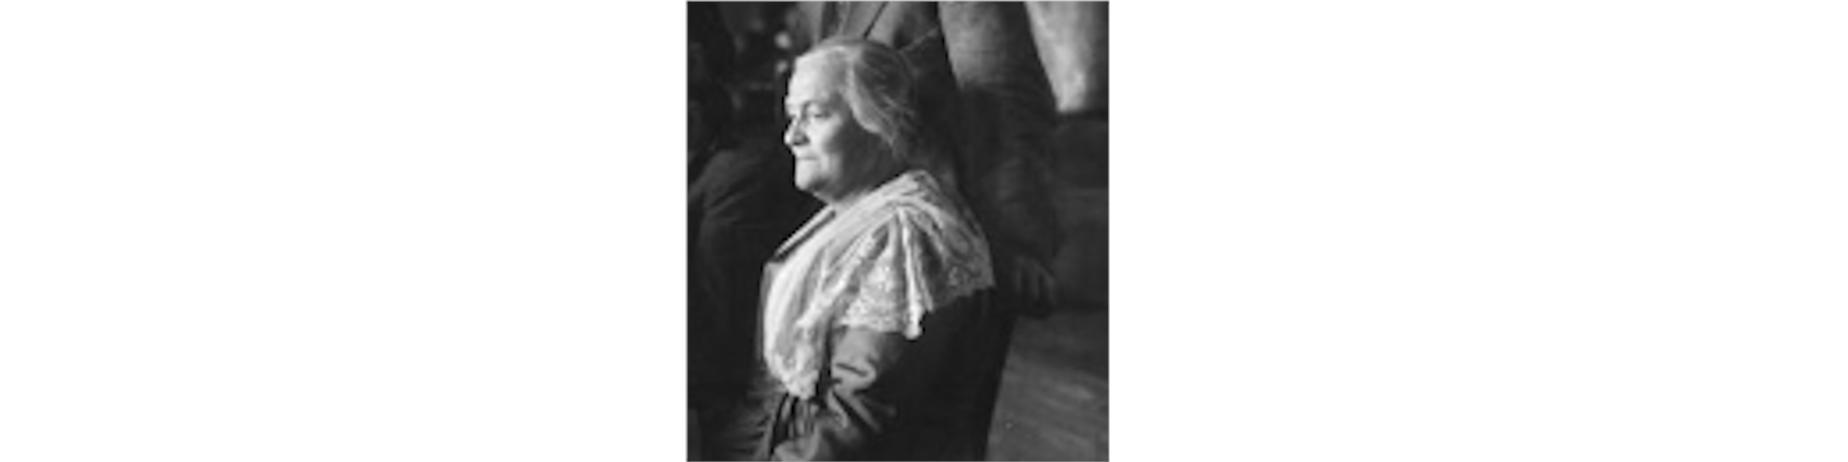 Clara Zetkin au Congrès de Tours le 28 décembre 1920